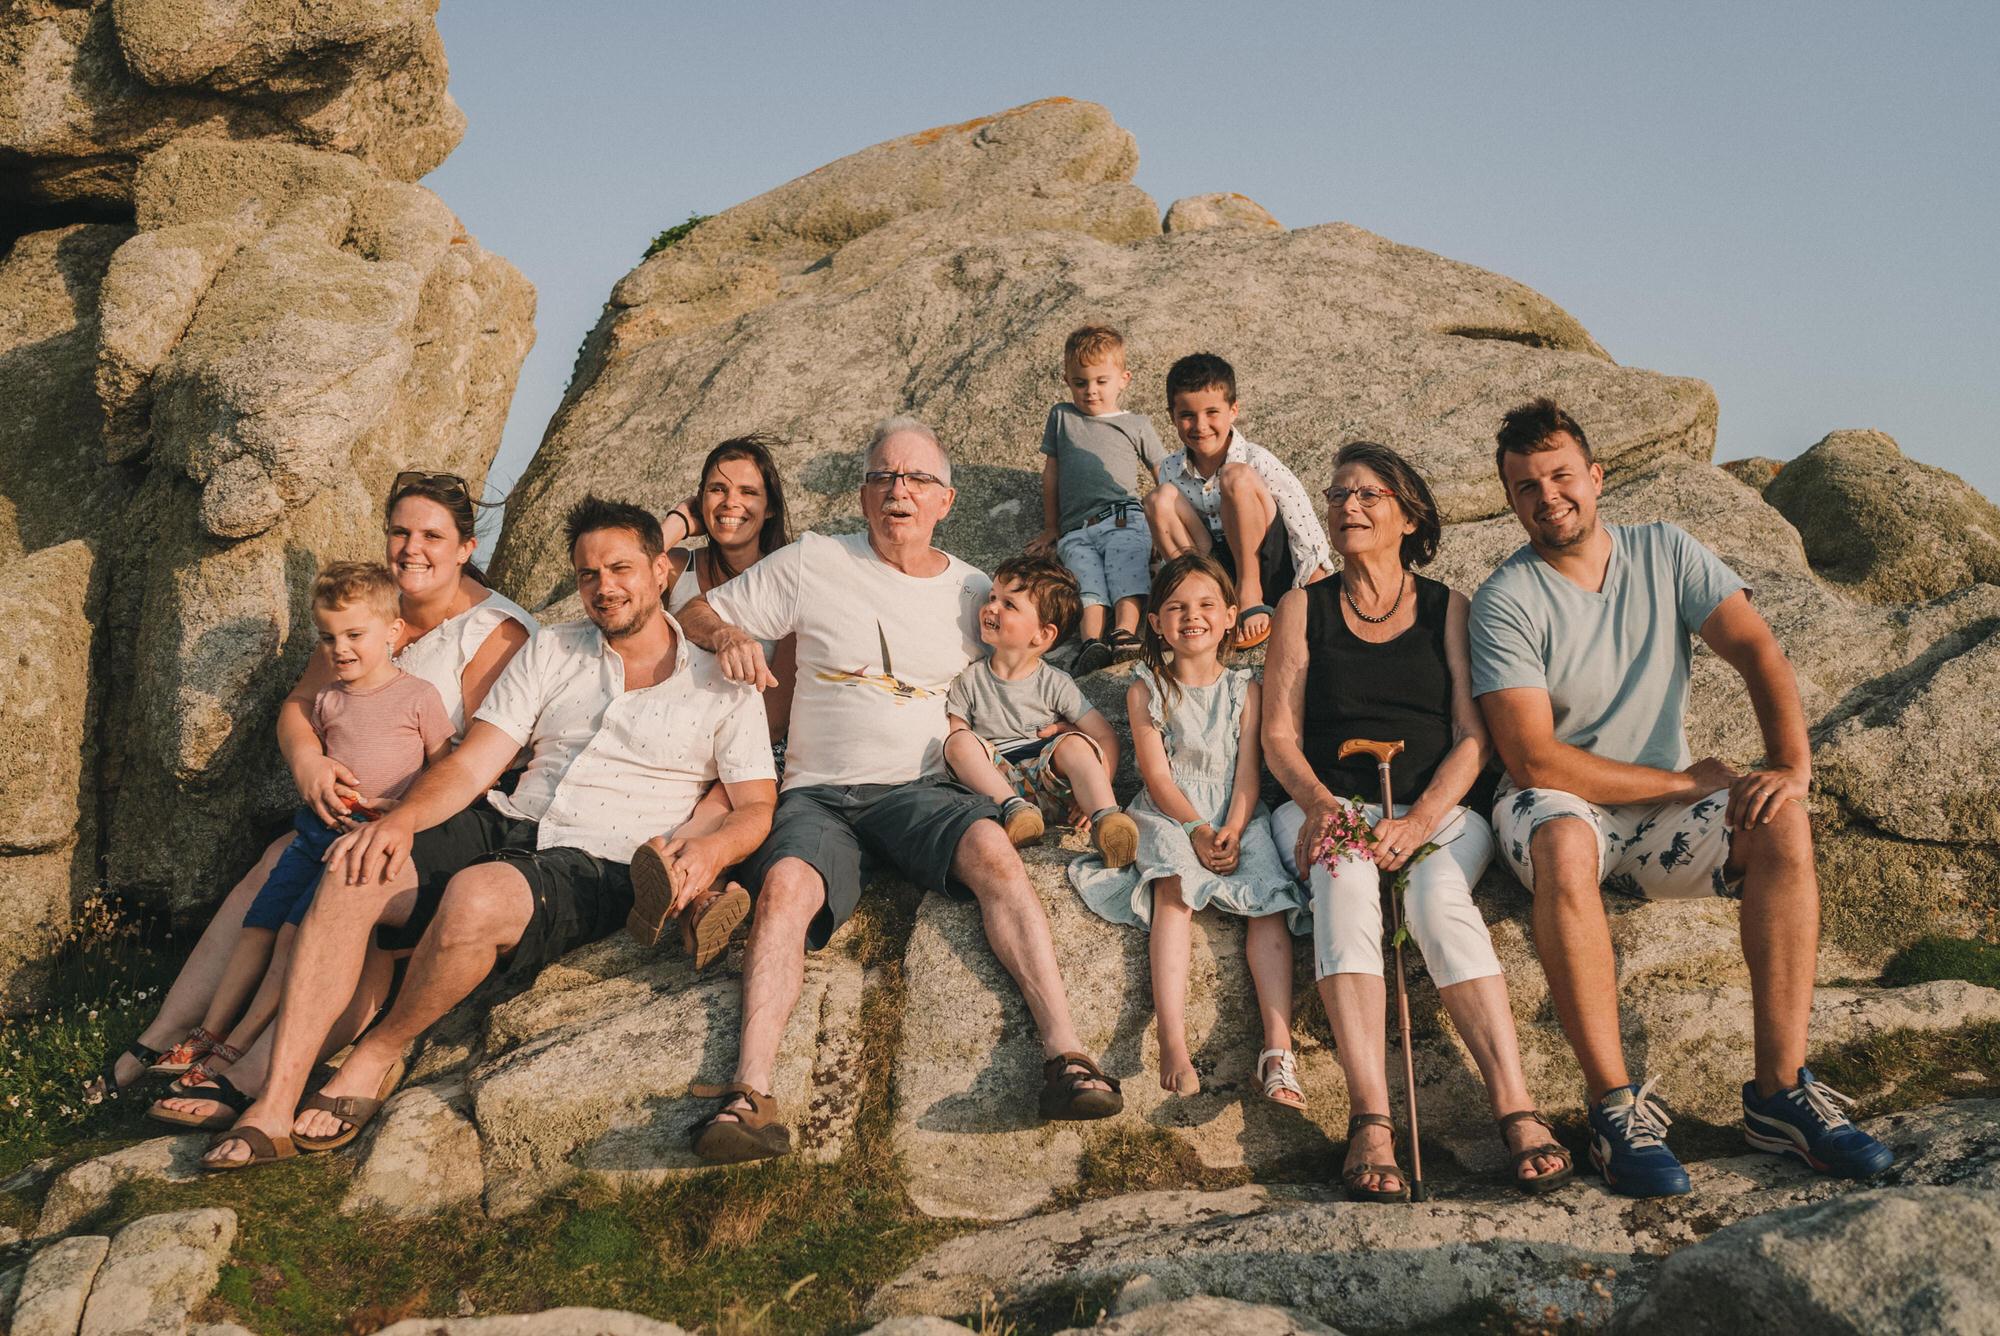 2021.07.20 Photo De Famille A Porspoder En Bretagne Par Antoine Borzeix 206, Photographe & Videaste à Brest / Finistère